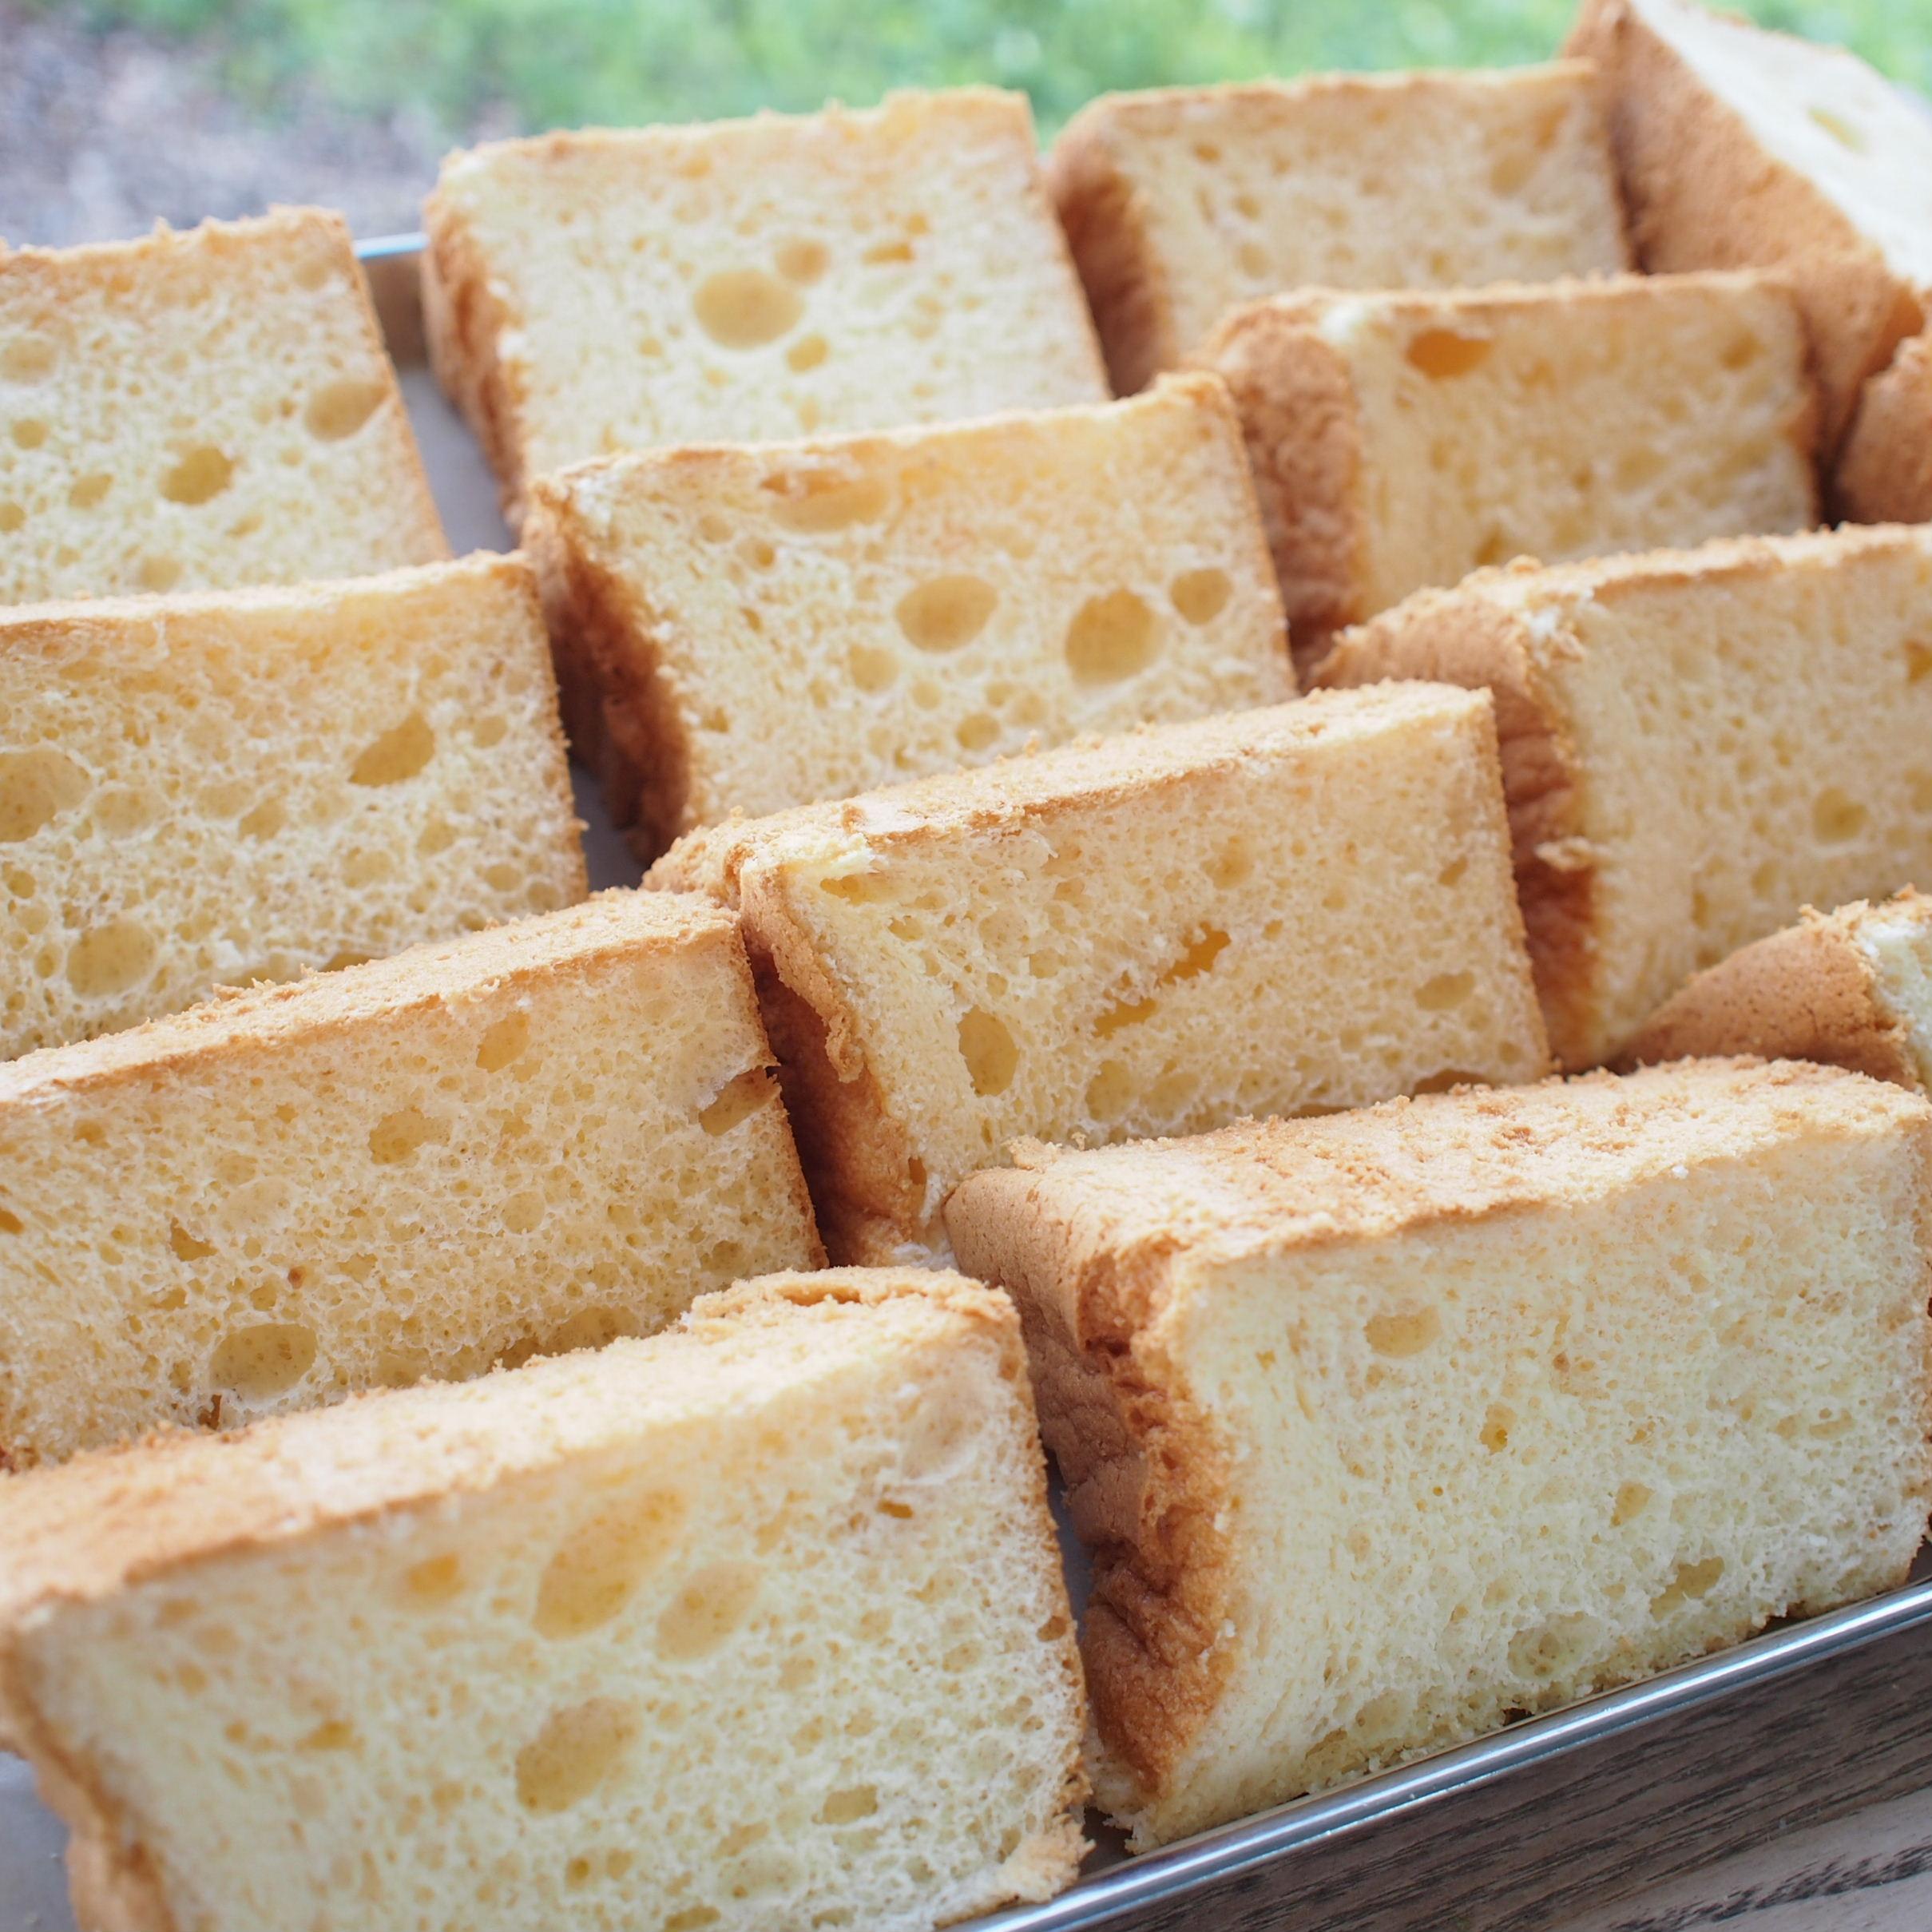 新鮮卵と牛乳のシフォン-それは黄金色に輝く奇跡のシフォンケーキ-